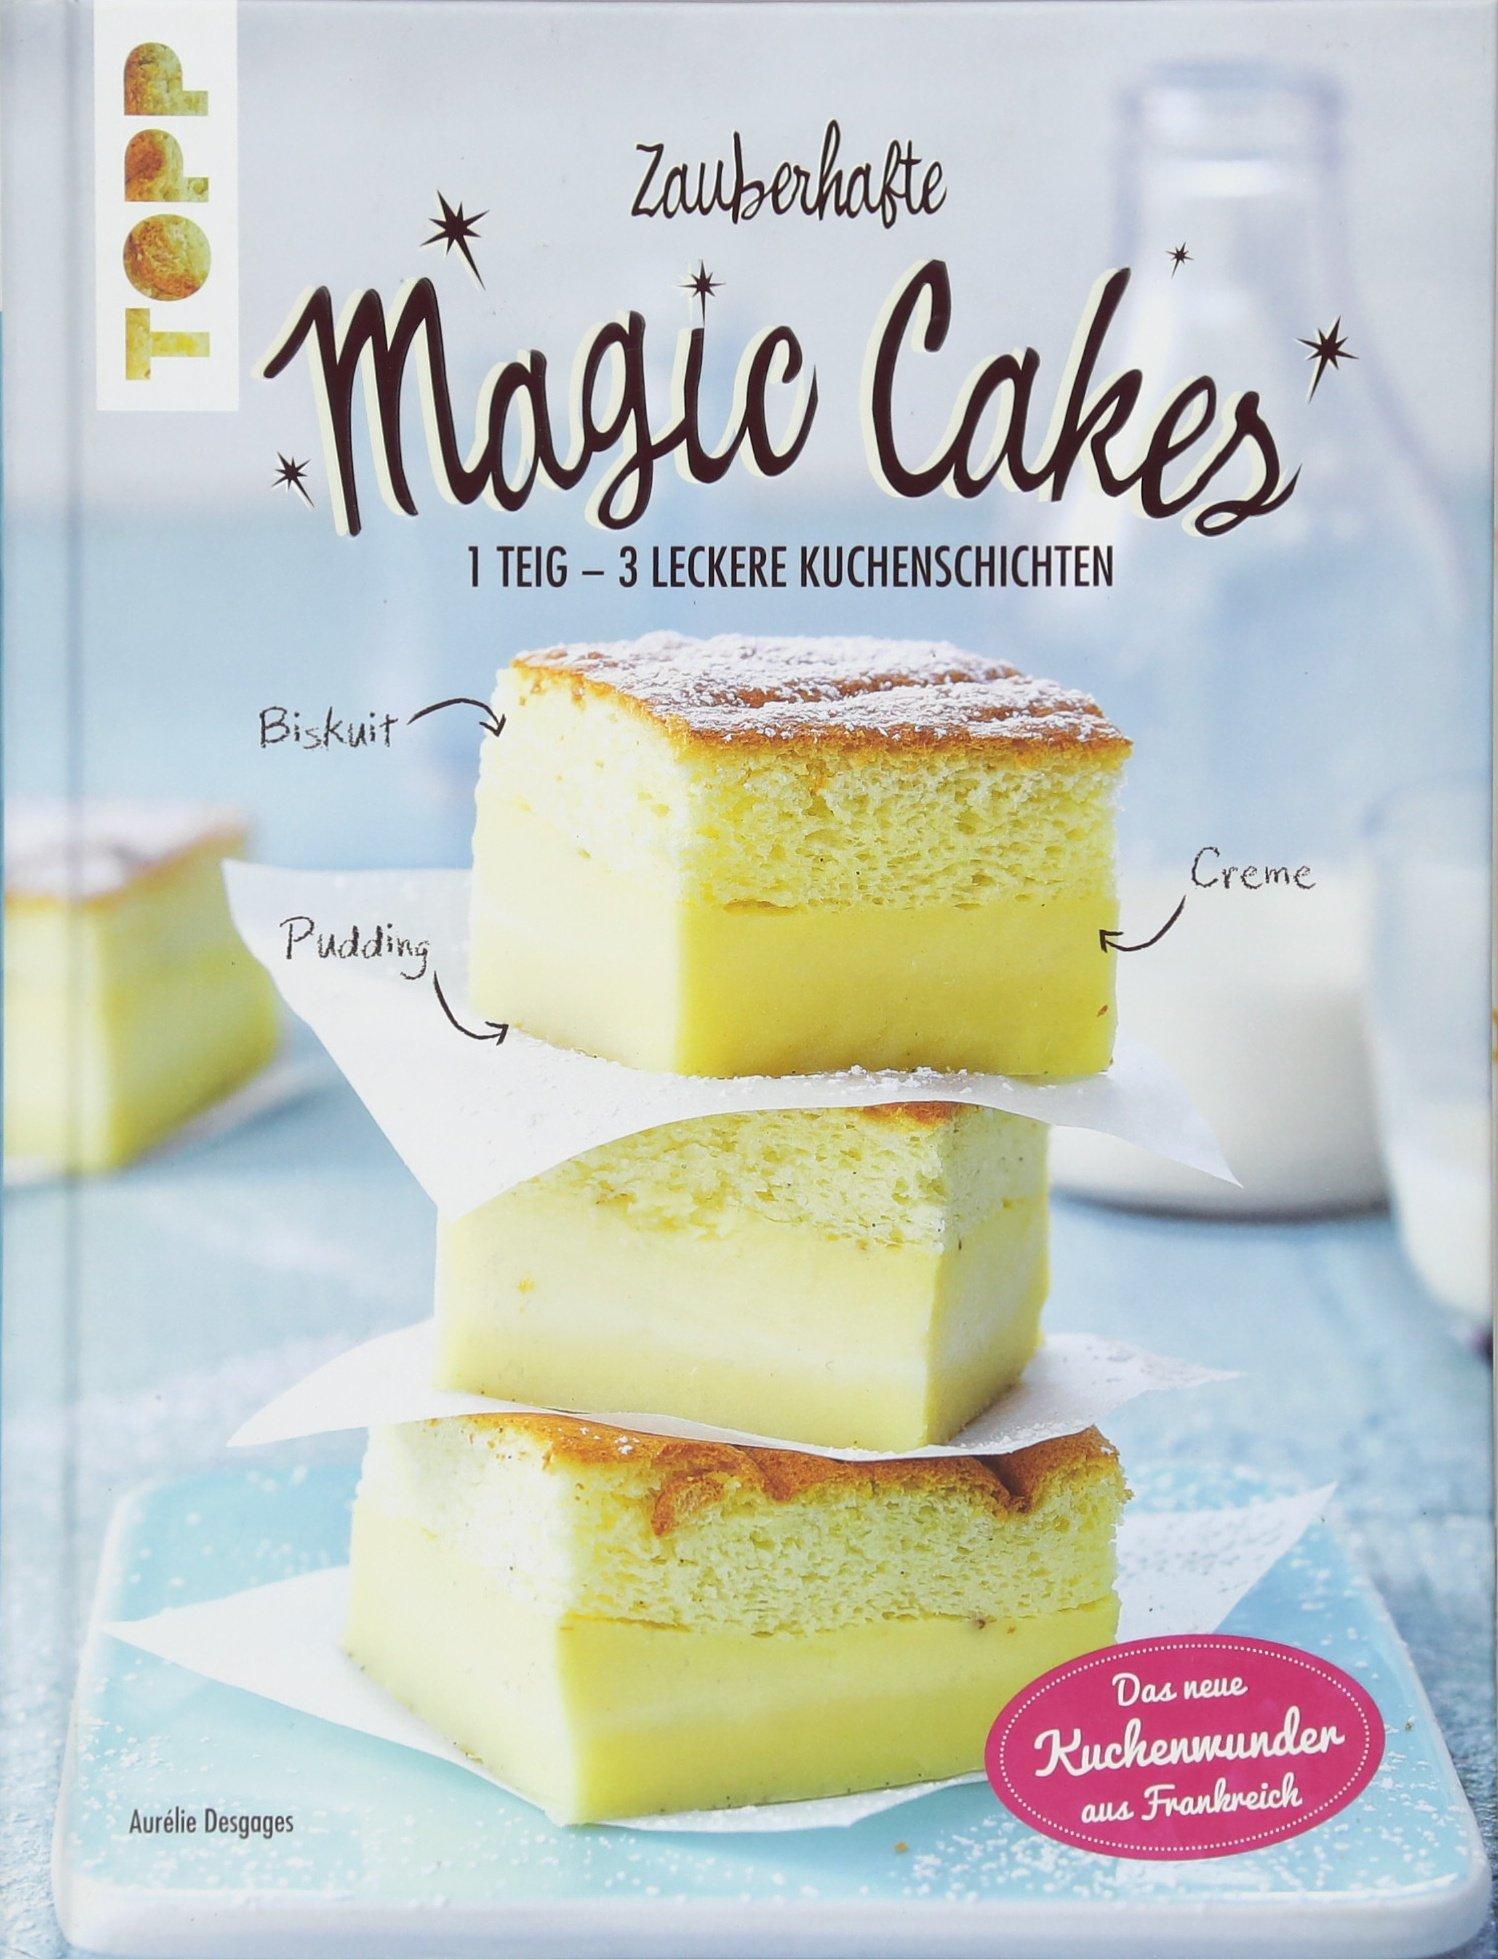 zauberhafte-magic-cakes-1-teig-3-leckere-kuchenschichten-das-neue-kuchenwunder-aus-frankreich